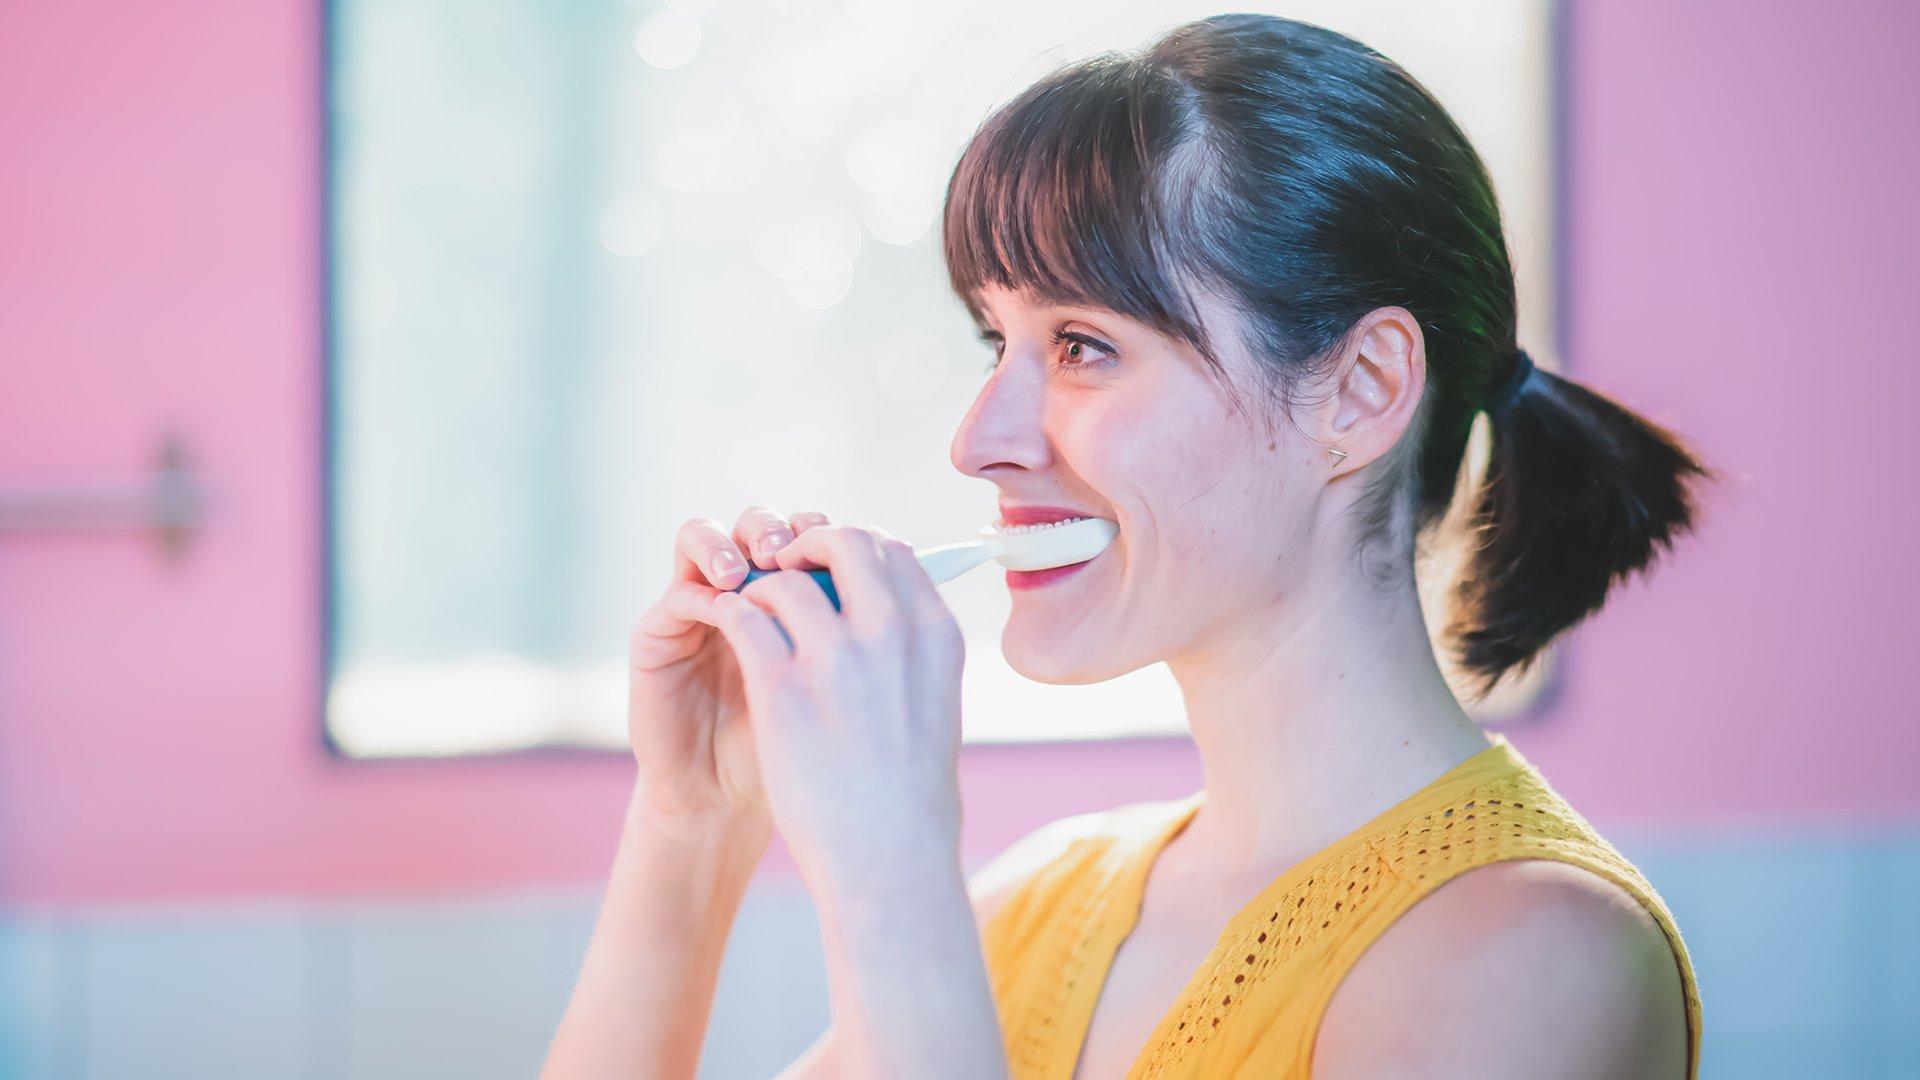 La Y-Brush permet de réaliser un nettoyage efficace de ses dents et de ses gencives en un temps record.